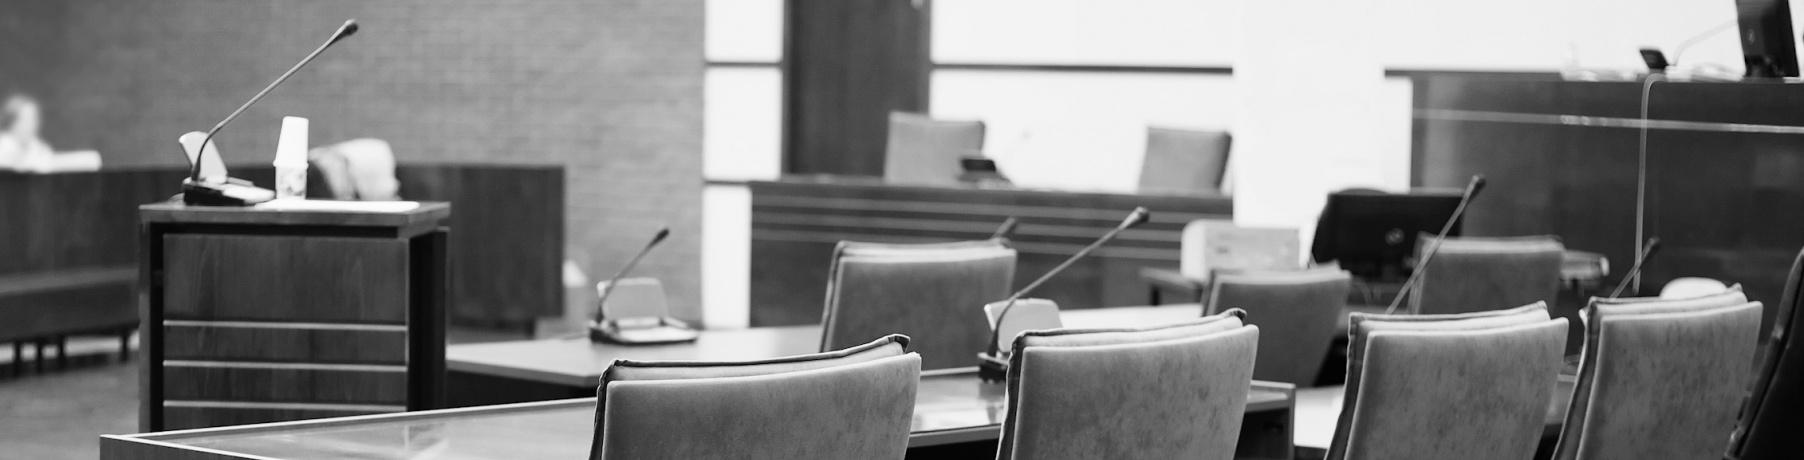 Rechtsanwalt Jörg Streichert, Fachanwalt für Handels- und Gesellschaftsrecht